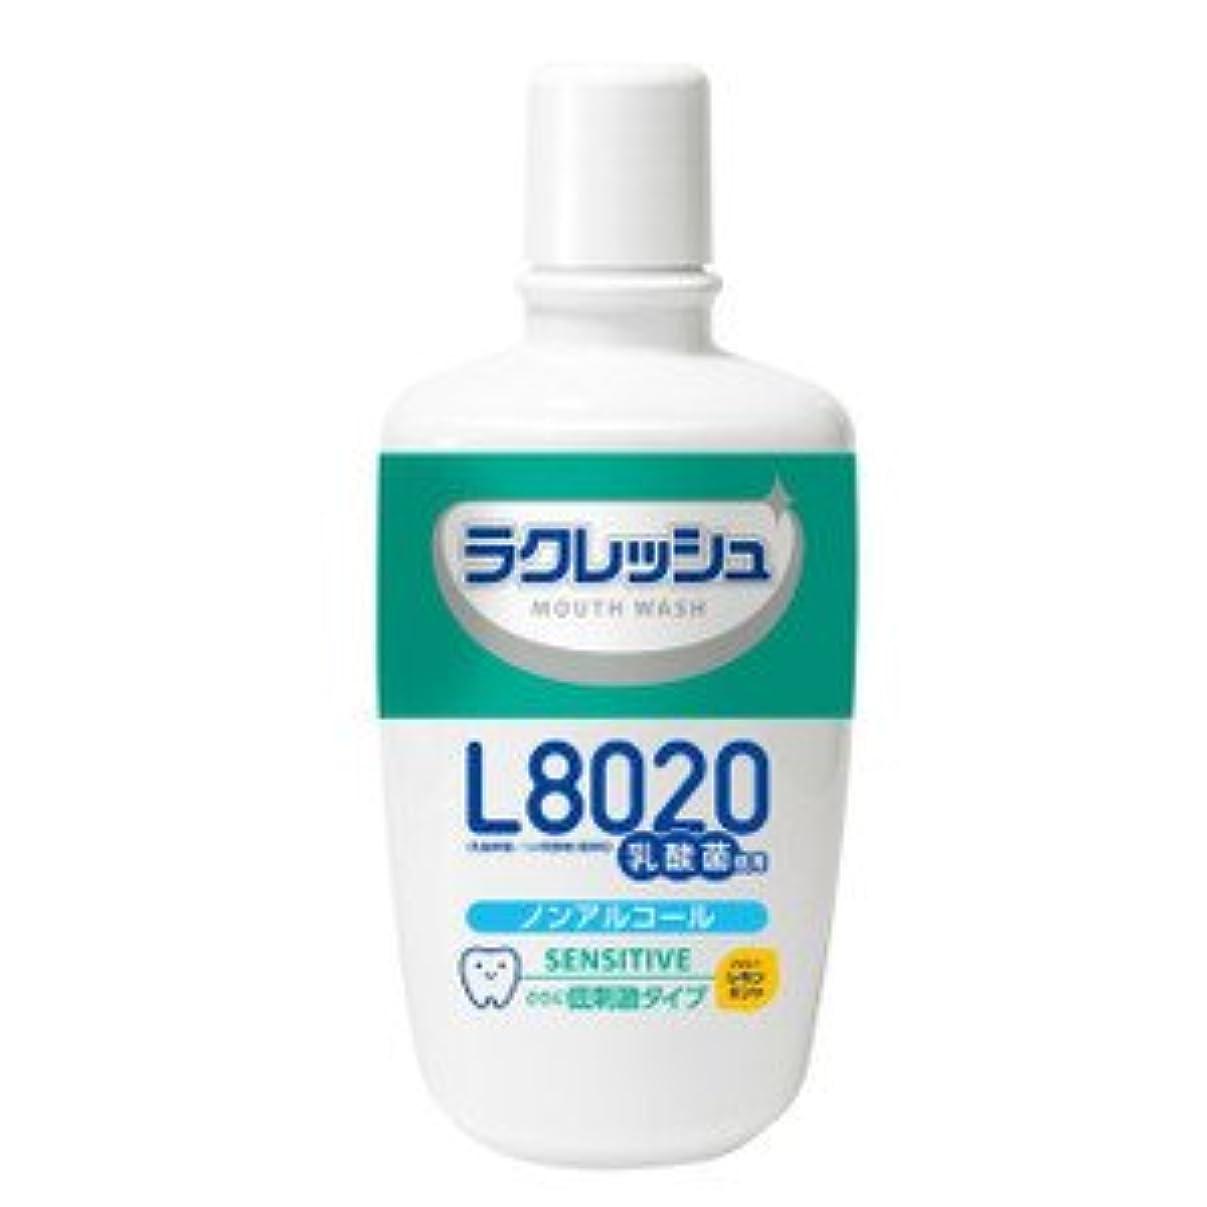 株式会社経由で活気づけるジェクス ラクレッシュ L8020乳酸菌 マウスウォッシュ 洗口液センシティブタイプ 300ml×10個セット